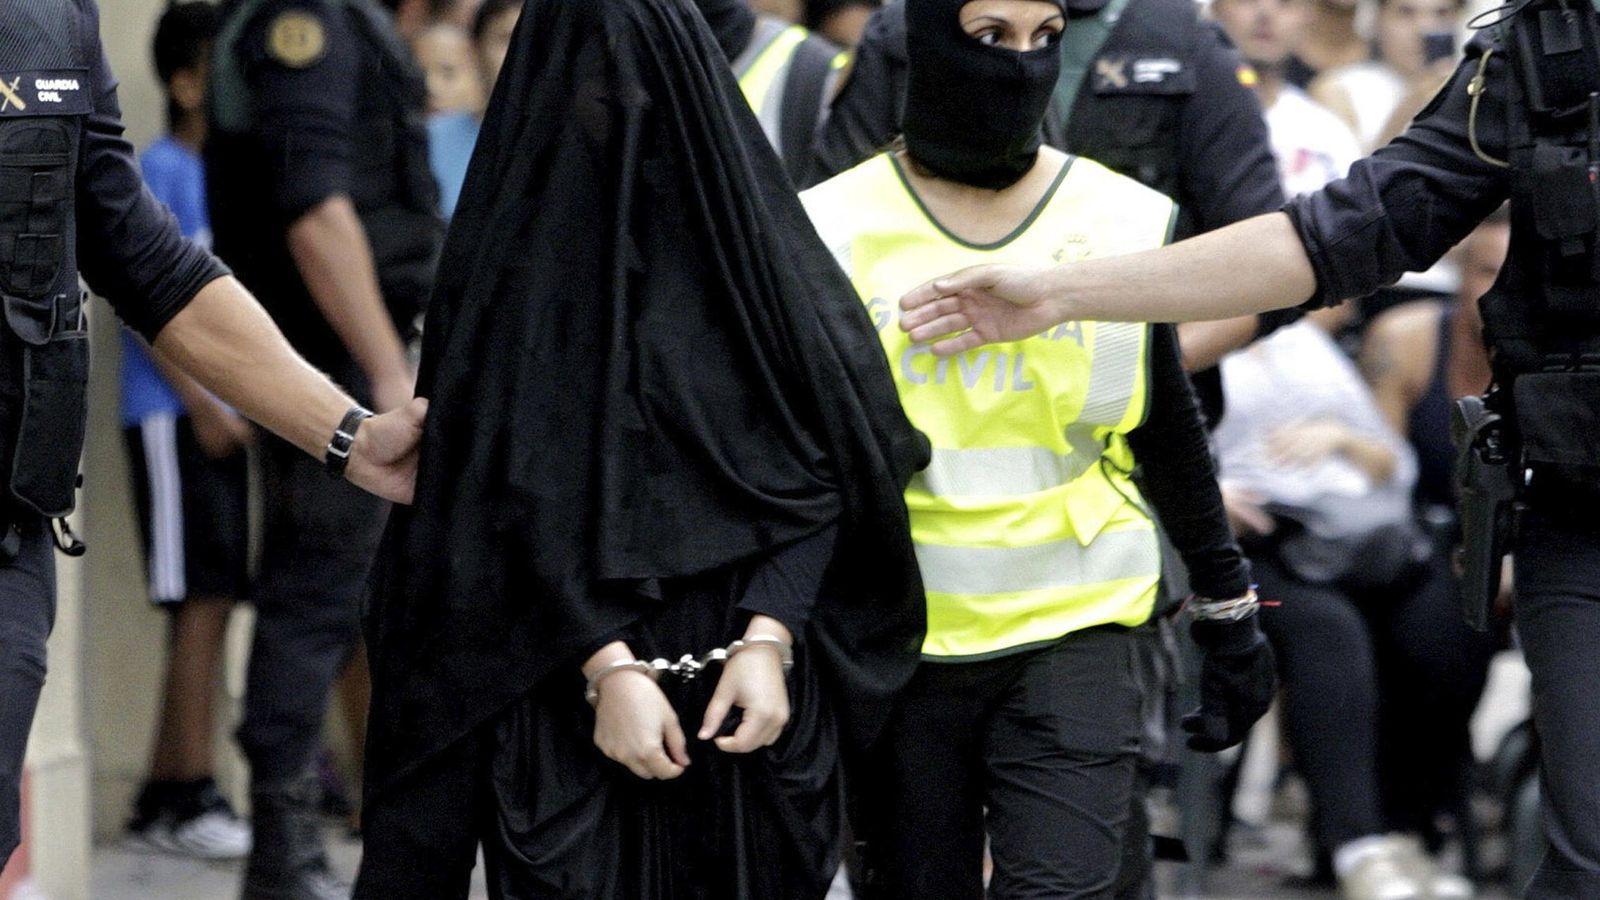 Foto: La joven de 18 años de origen marroquí detenida en Gandía (Valencia) por su presunta relación con terrorismo yihadista. EFE